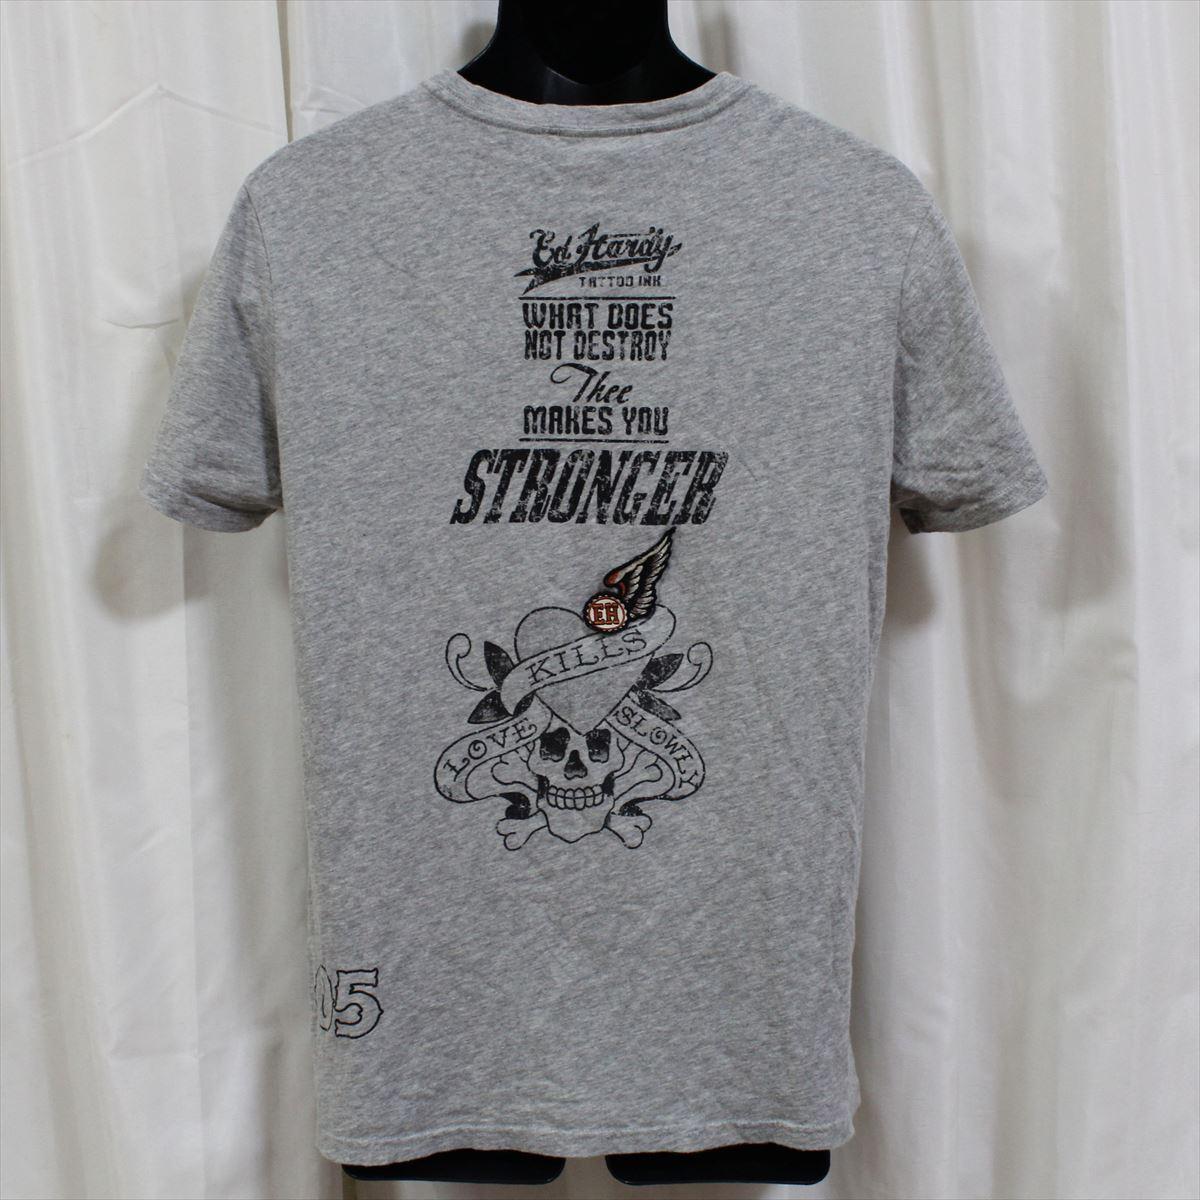 エドハーディー ED HARDY メンズ半袖Tシャツ グレー Sサイズ M02ABPP052 新品_画像4